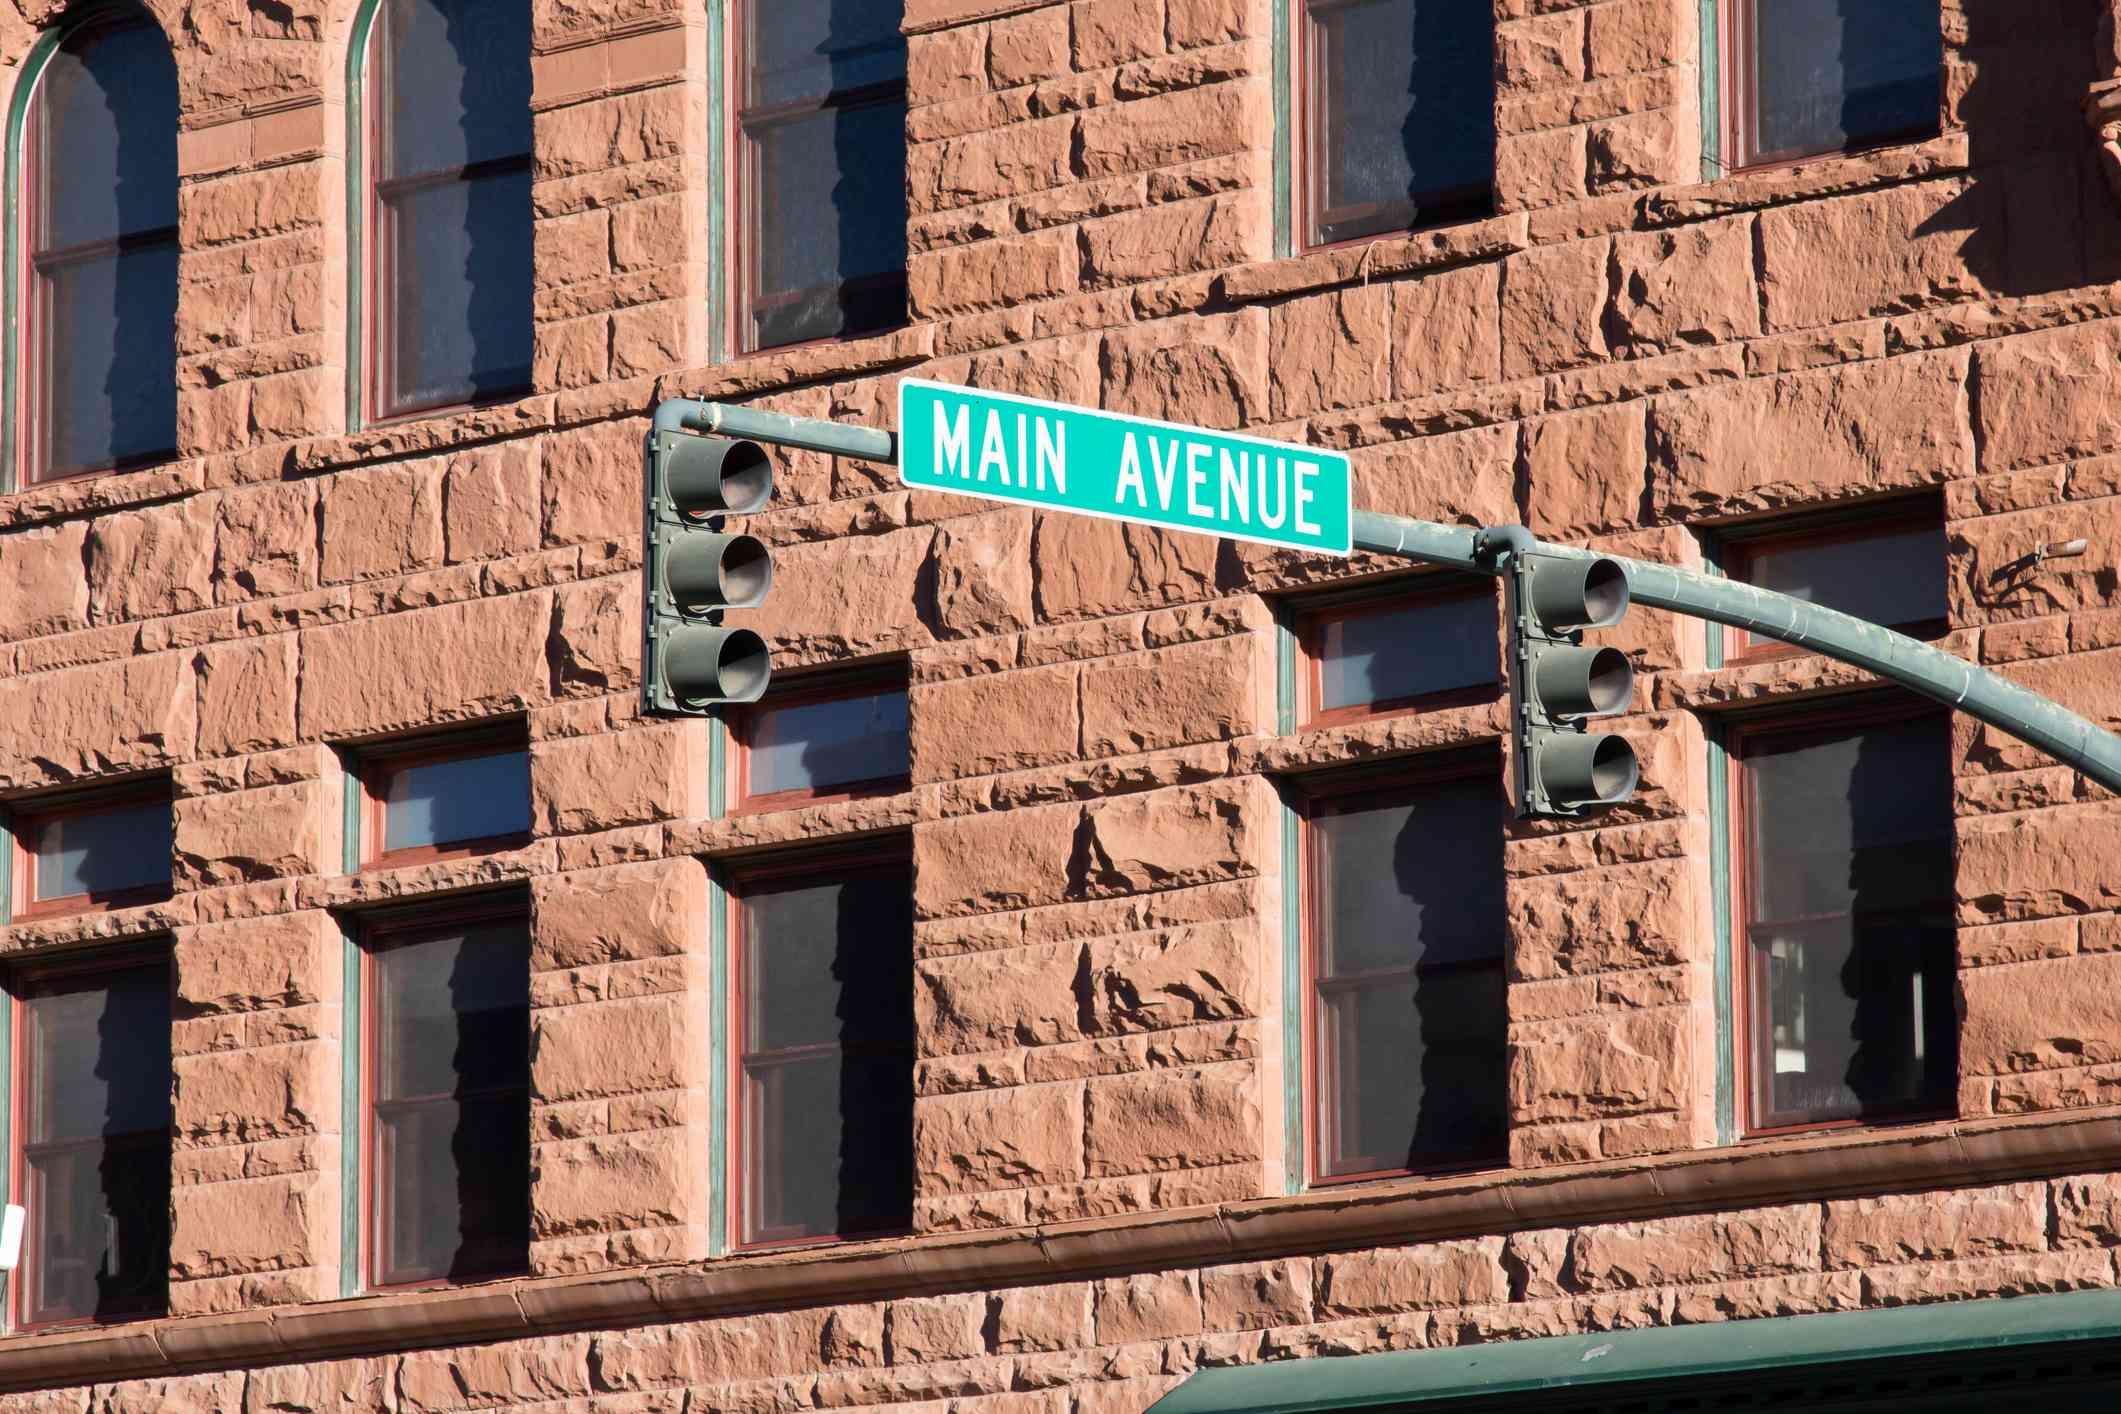 Downtown Durango, Colorado